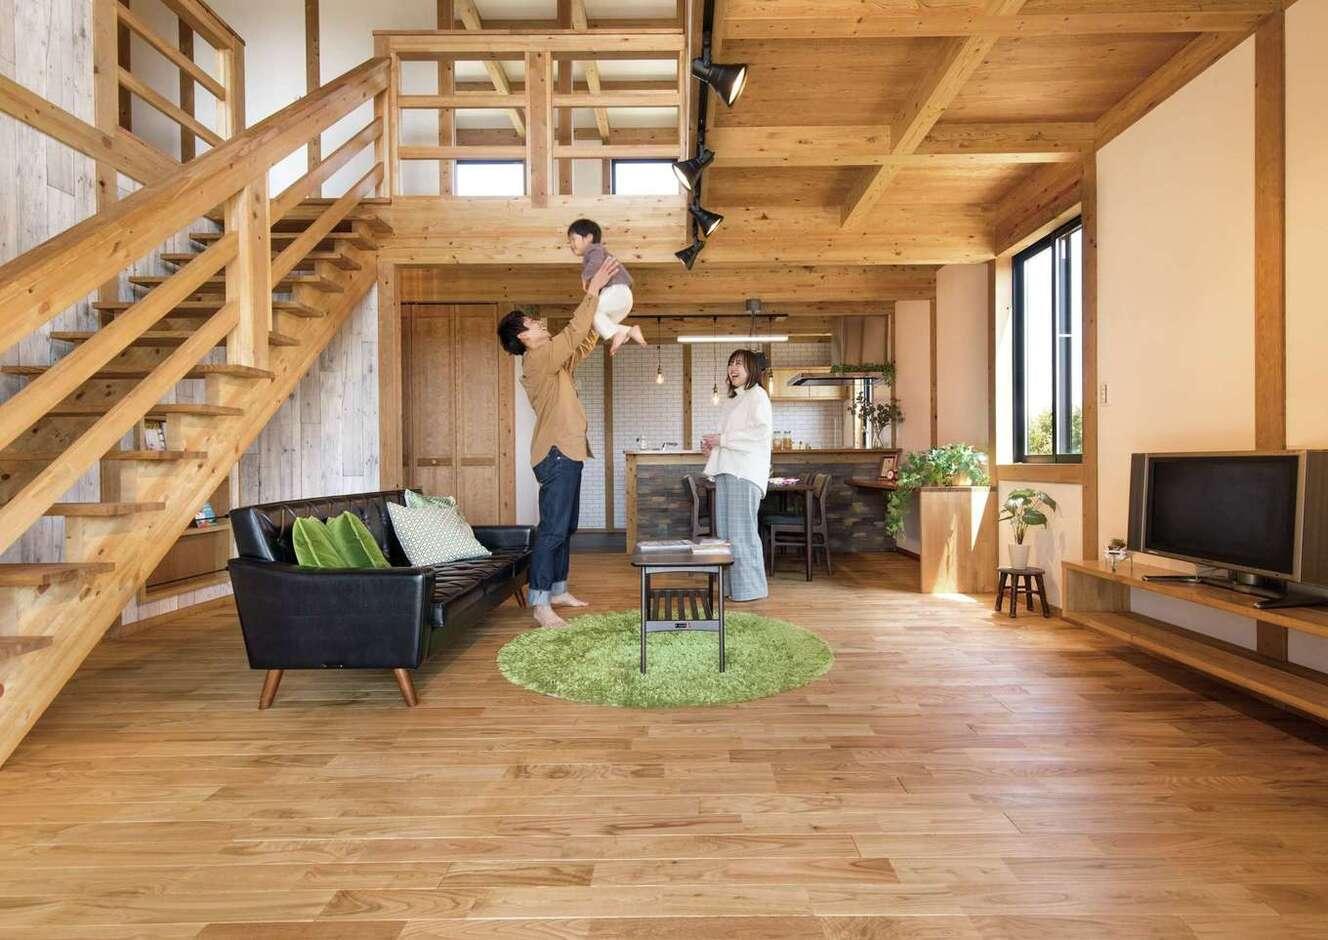 サイエンスホーム甲府店・笛吹店【1000万円台、デザイン住宅、省エネ】柱と梁を現しにした真壁づくりのLDKは22畳。天然木をふんだんに使ったナチュラルな空間は、五感を癒してくれる